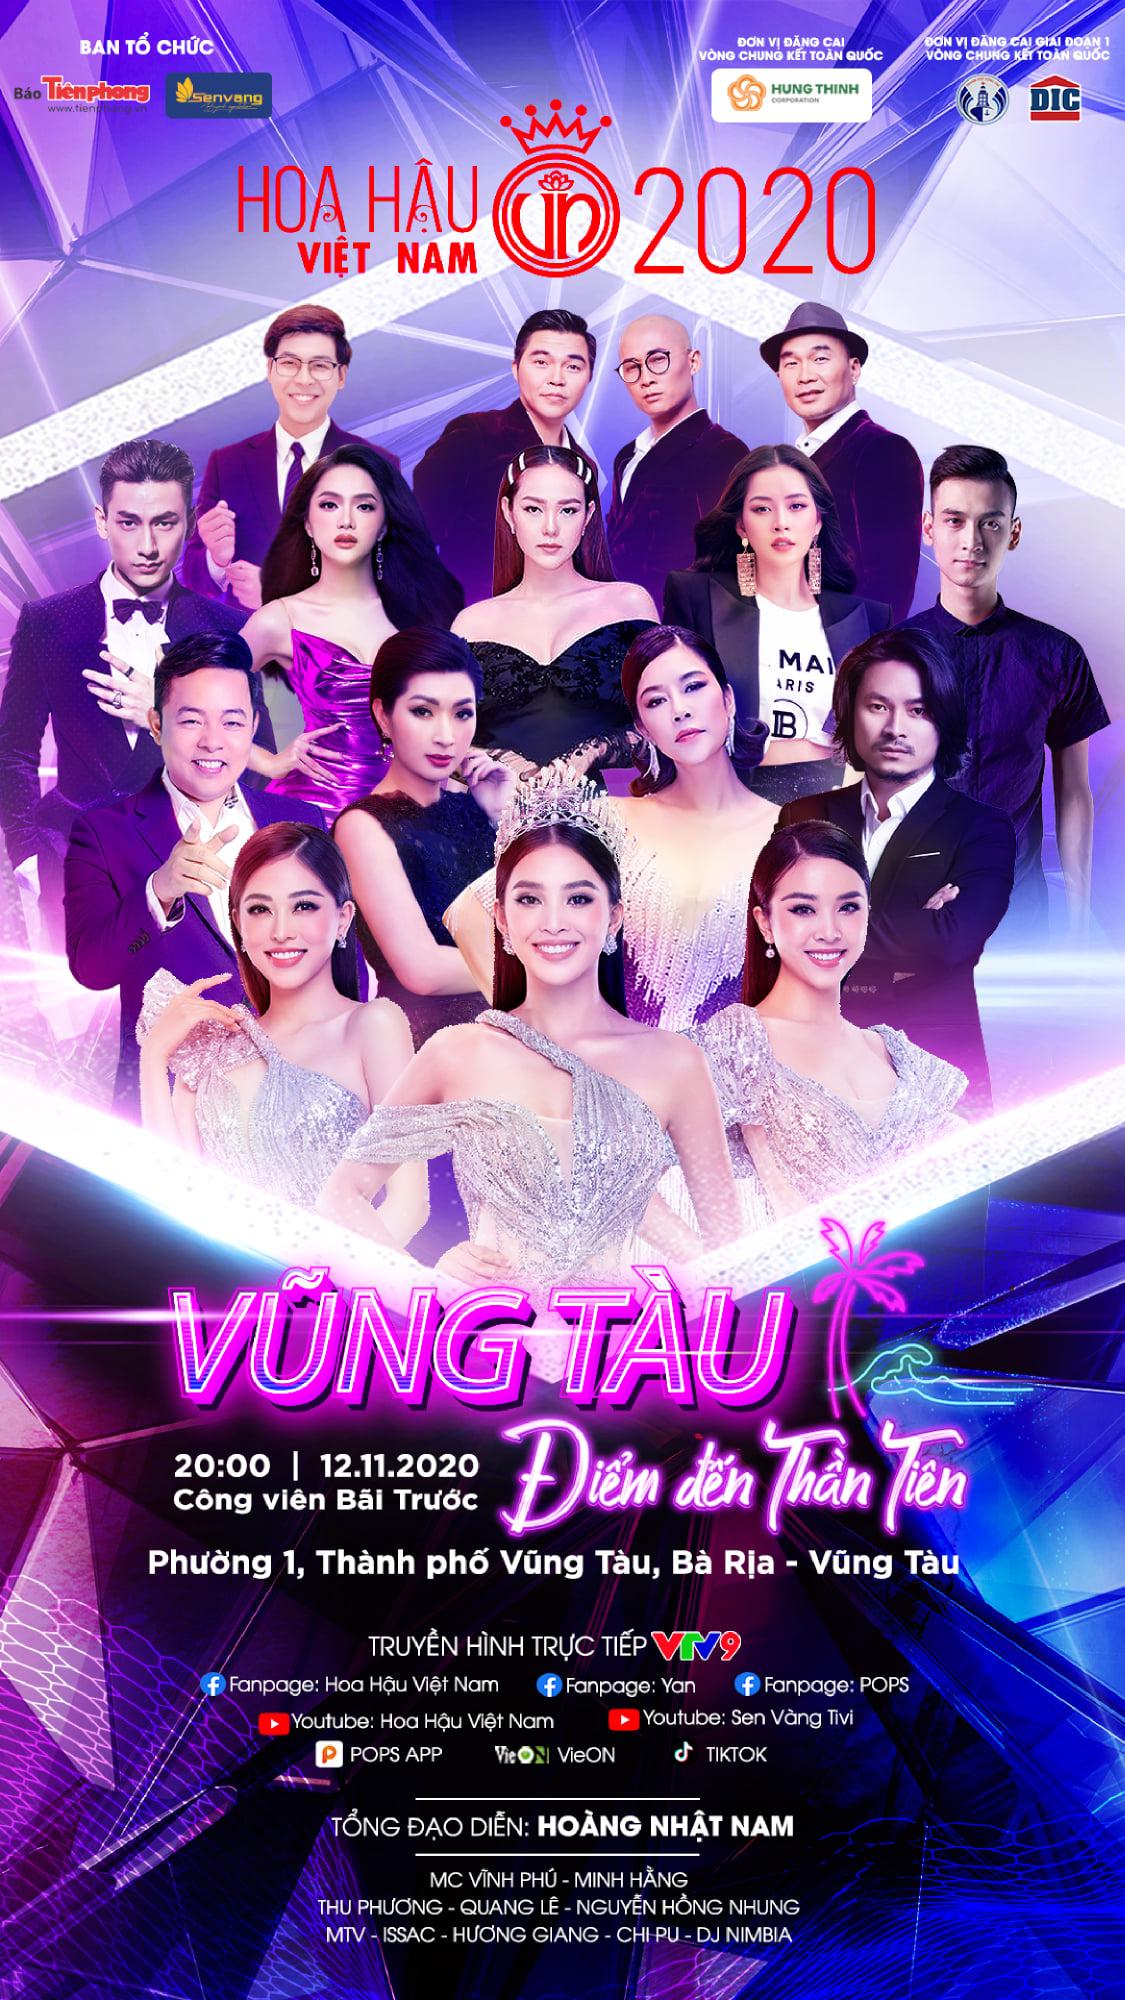 Đạo diễn Hoàng Nhật Nam lên tiếng vụ anti-fan Hương Giang tấn công fanpage Hoa hậu Việt Nam 2020 - Ảnh 3